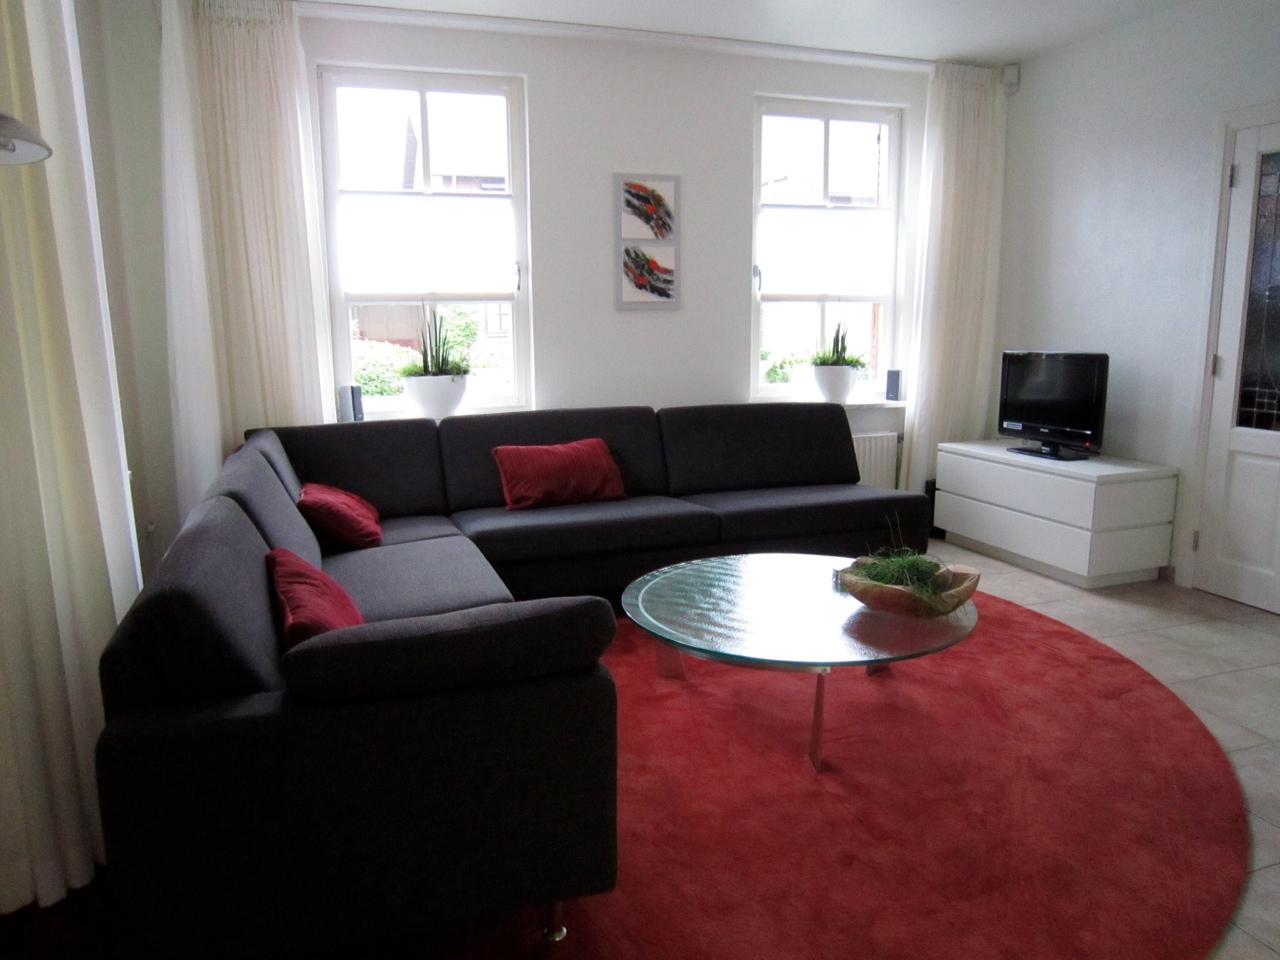 Interieur in warm rood. - Ploemen Interieur